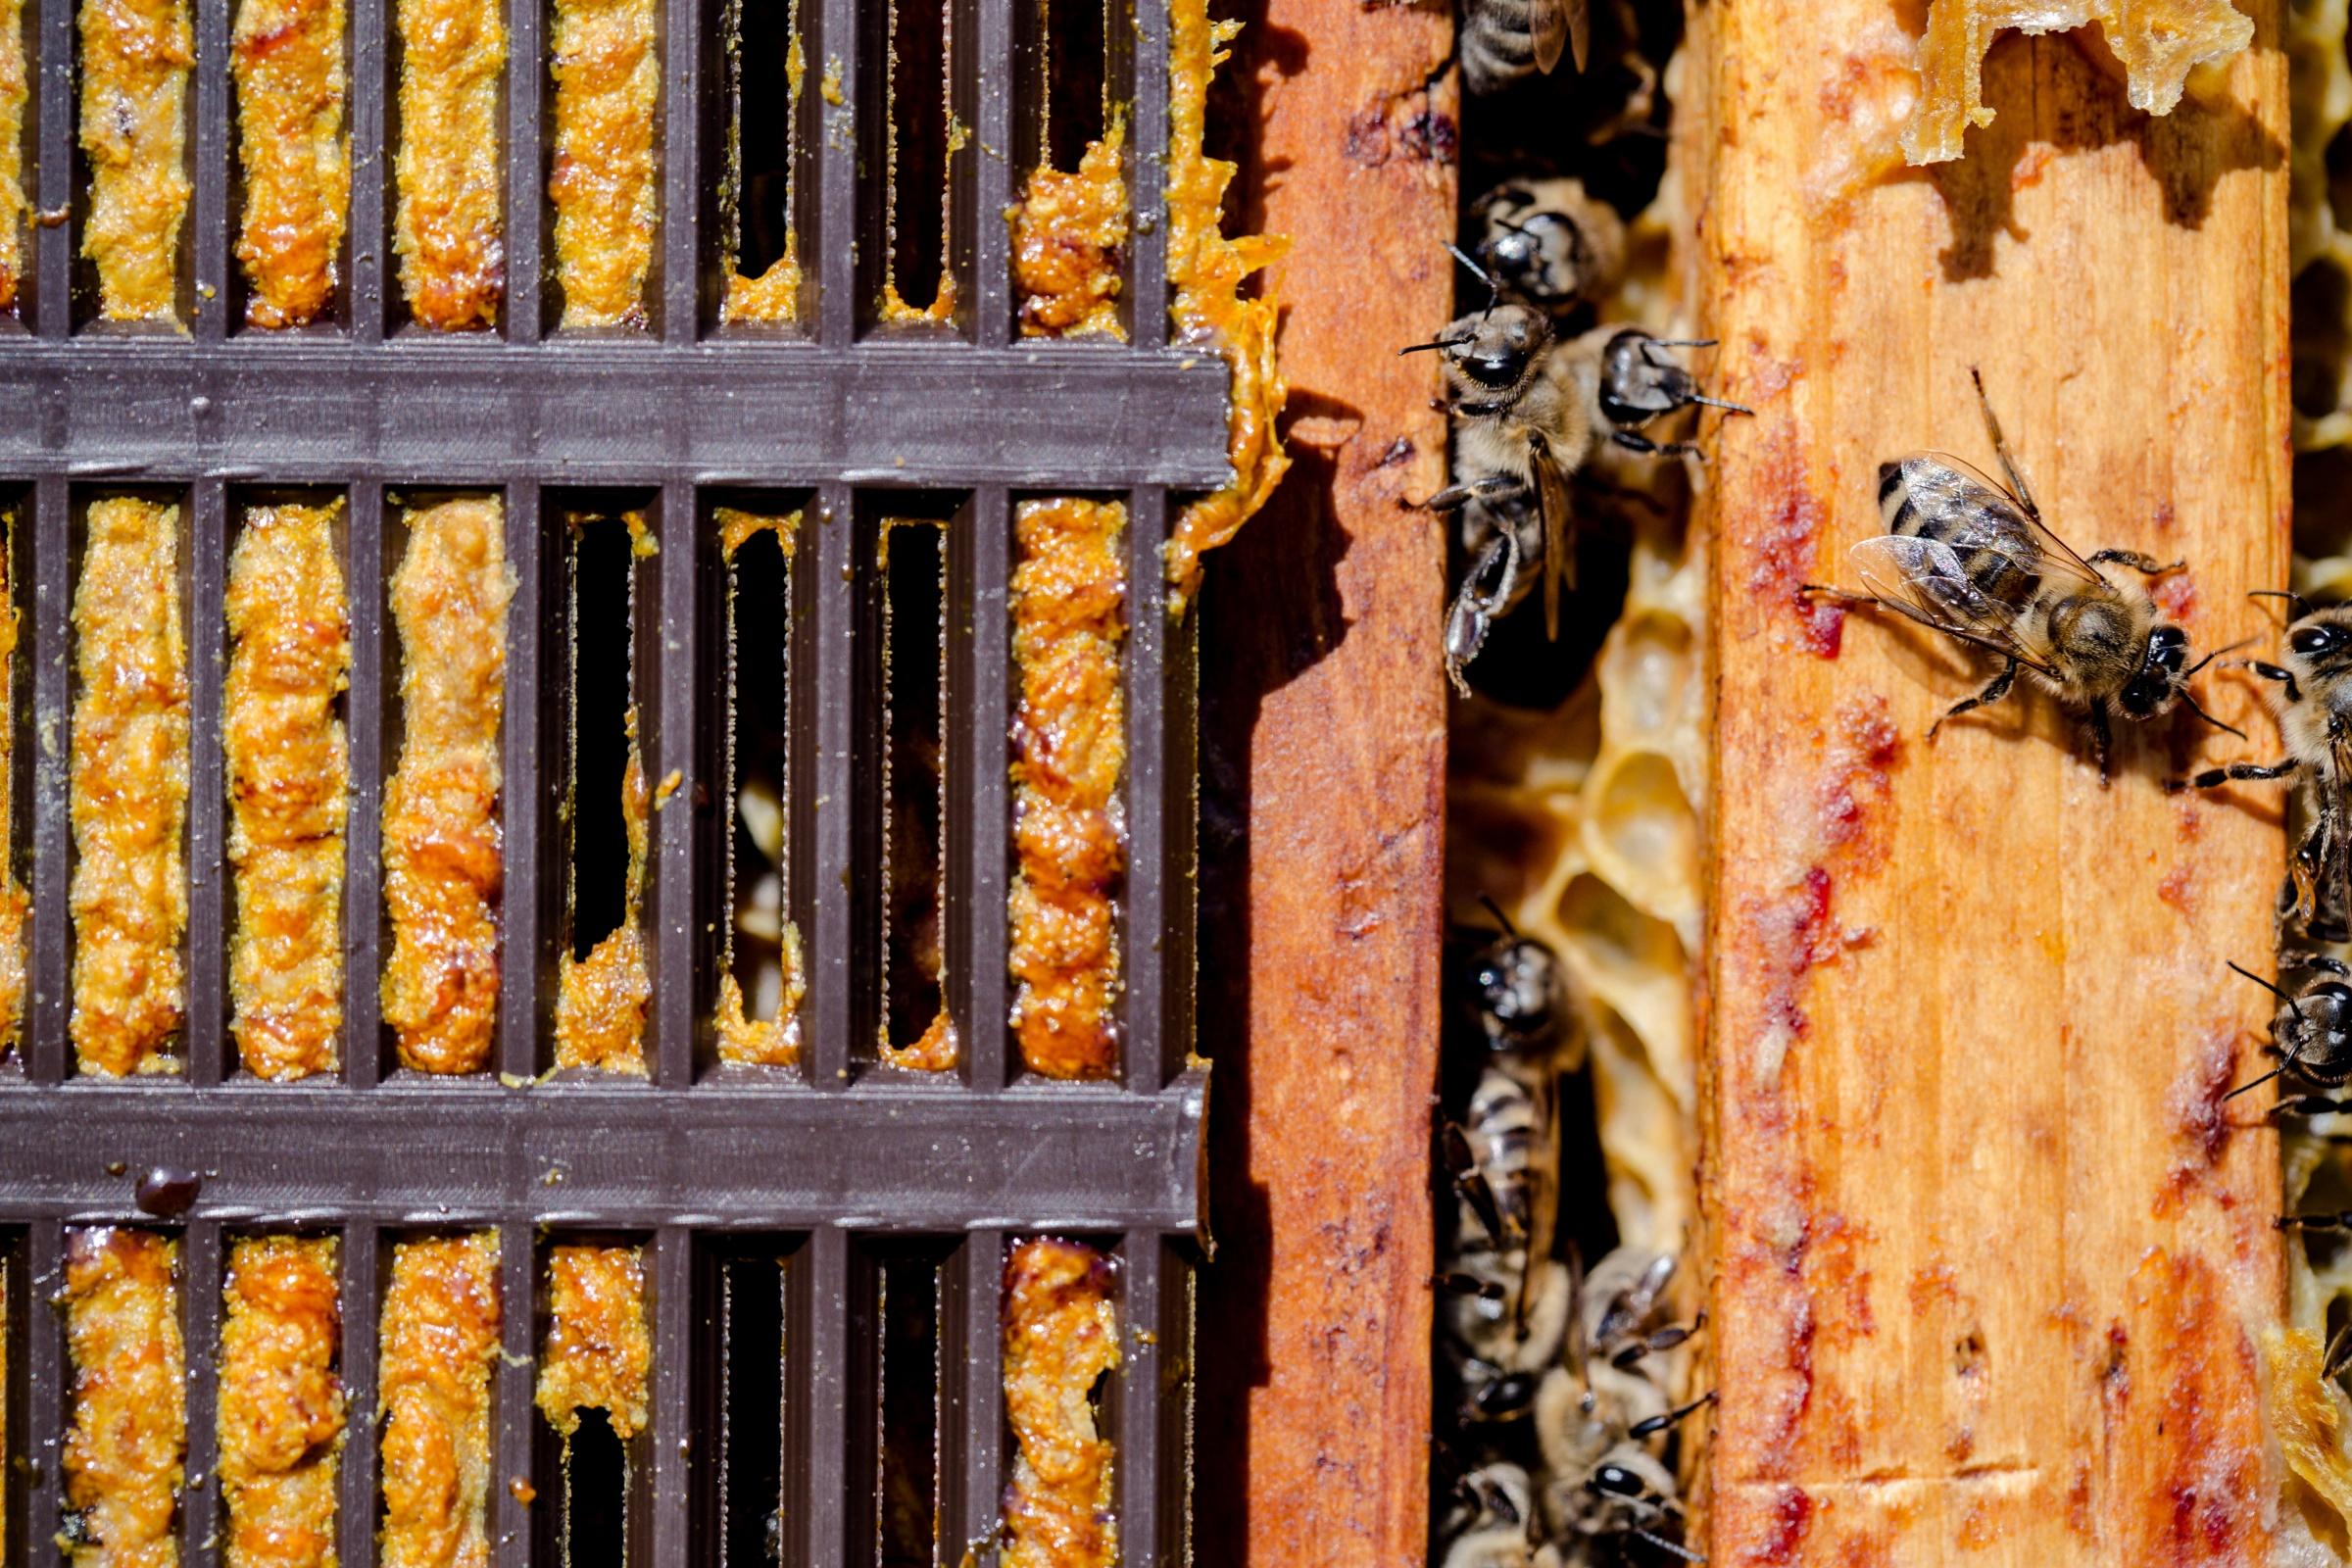 Ong dùng keo ong bịt kín tổ, bảo vệ mật.